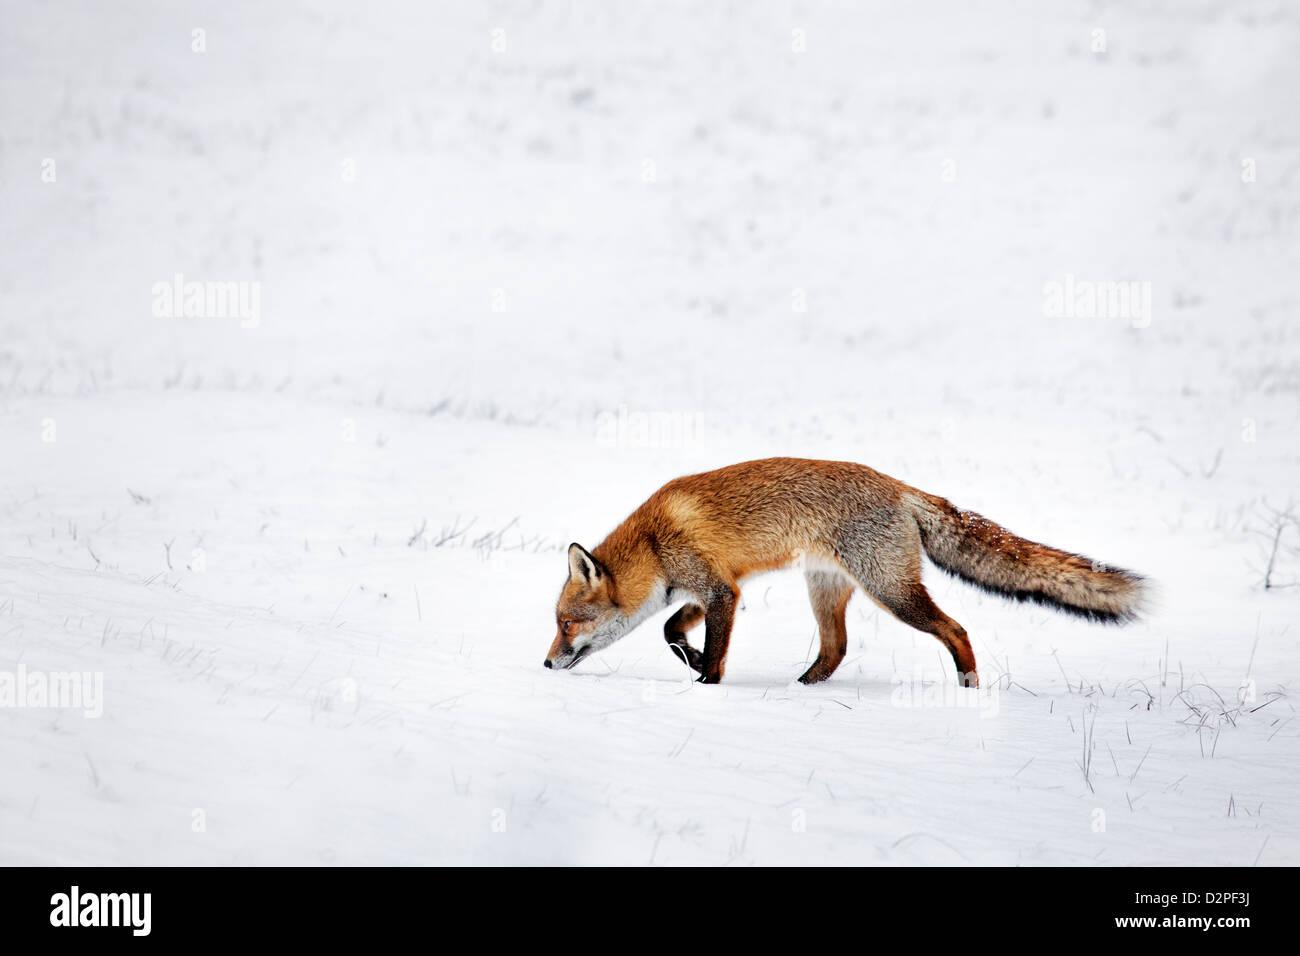 La chasse le renard roux (Vulpes vulpes) à la suite de l'odeur par sentier des proies dans les prairies couvertes Banque D'Images